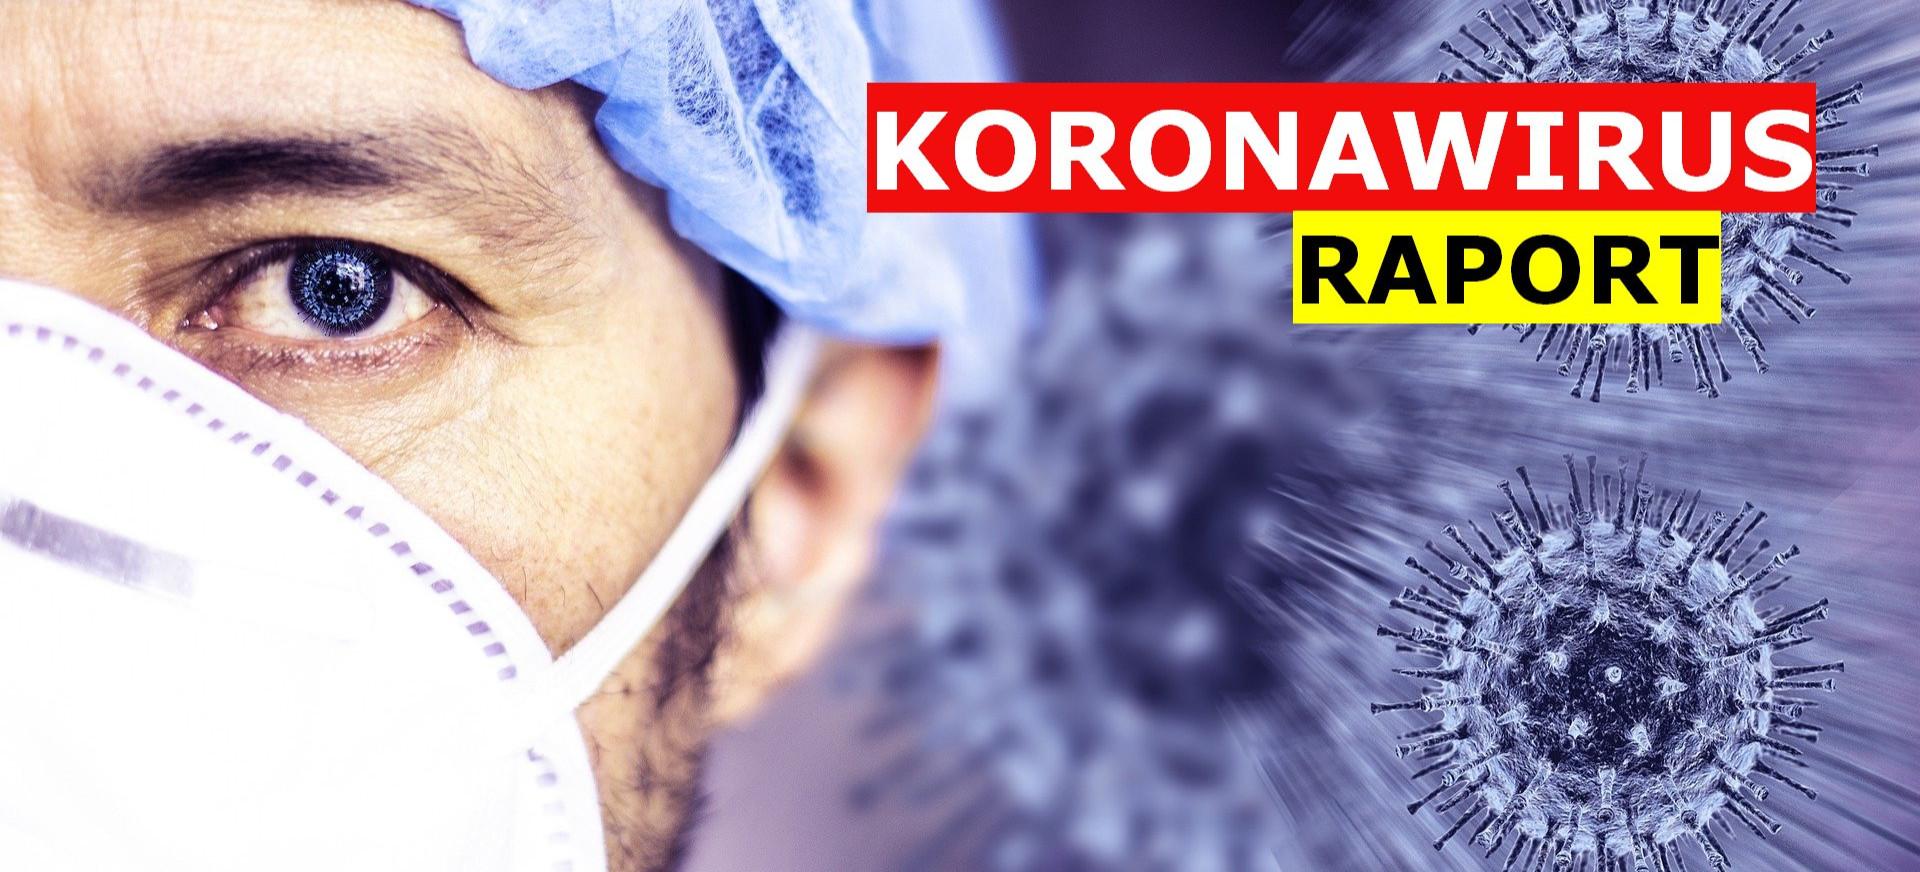 22 nowe zakażenia koronawirusem na Podkarpaciu